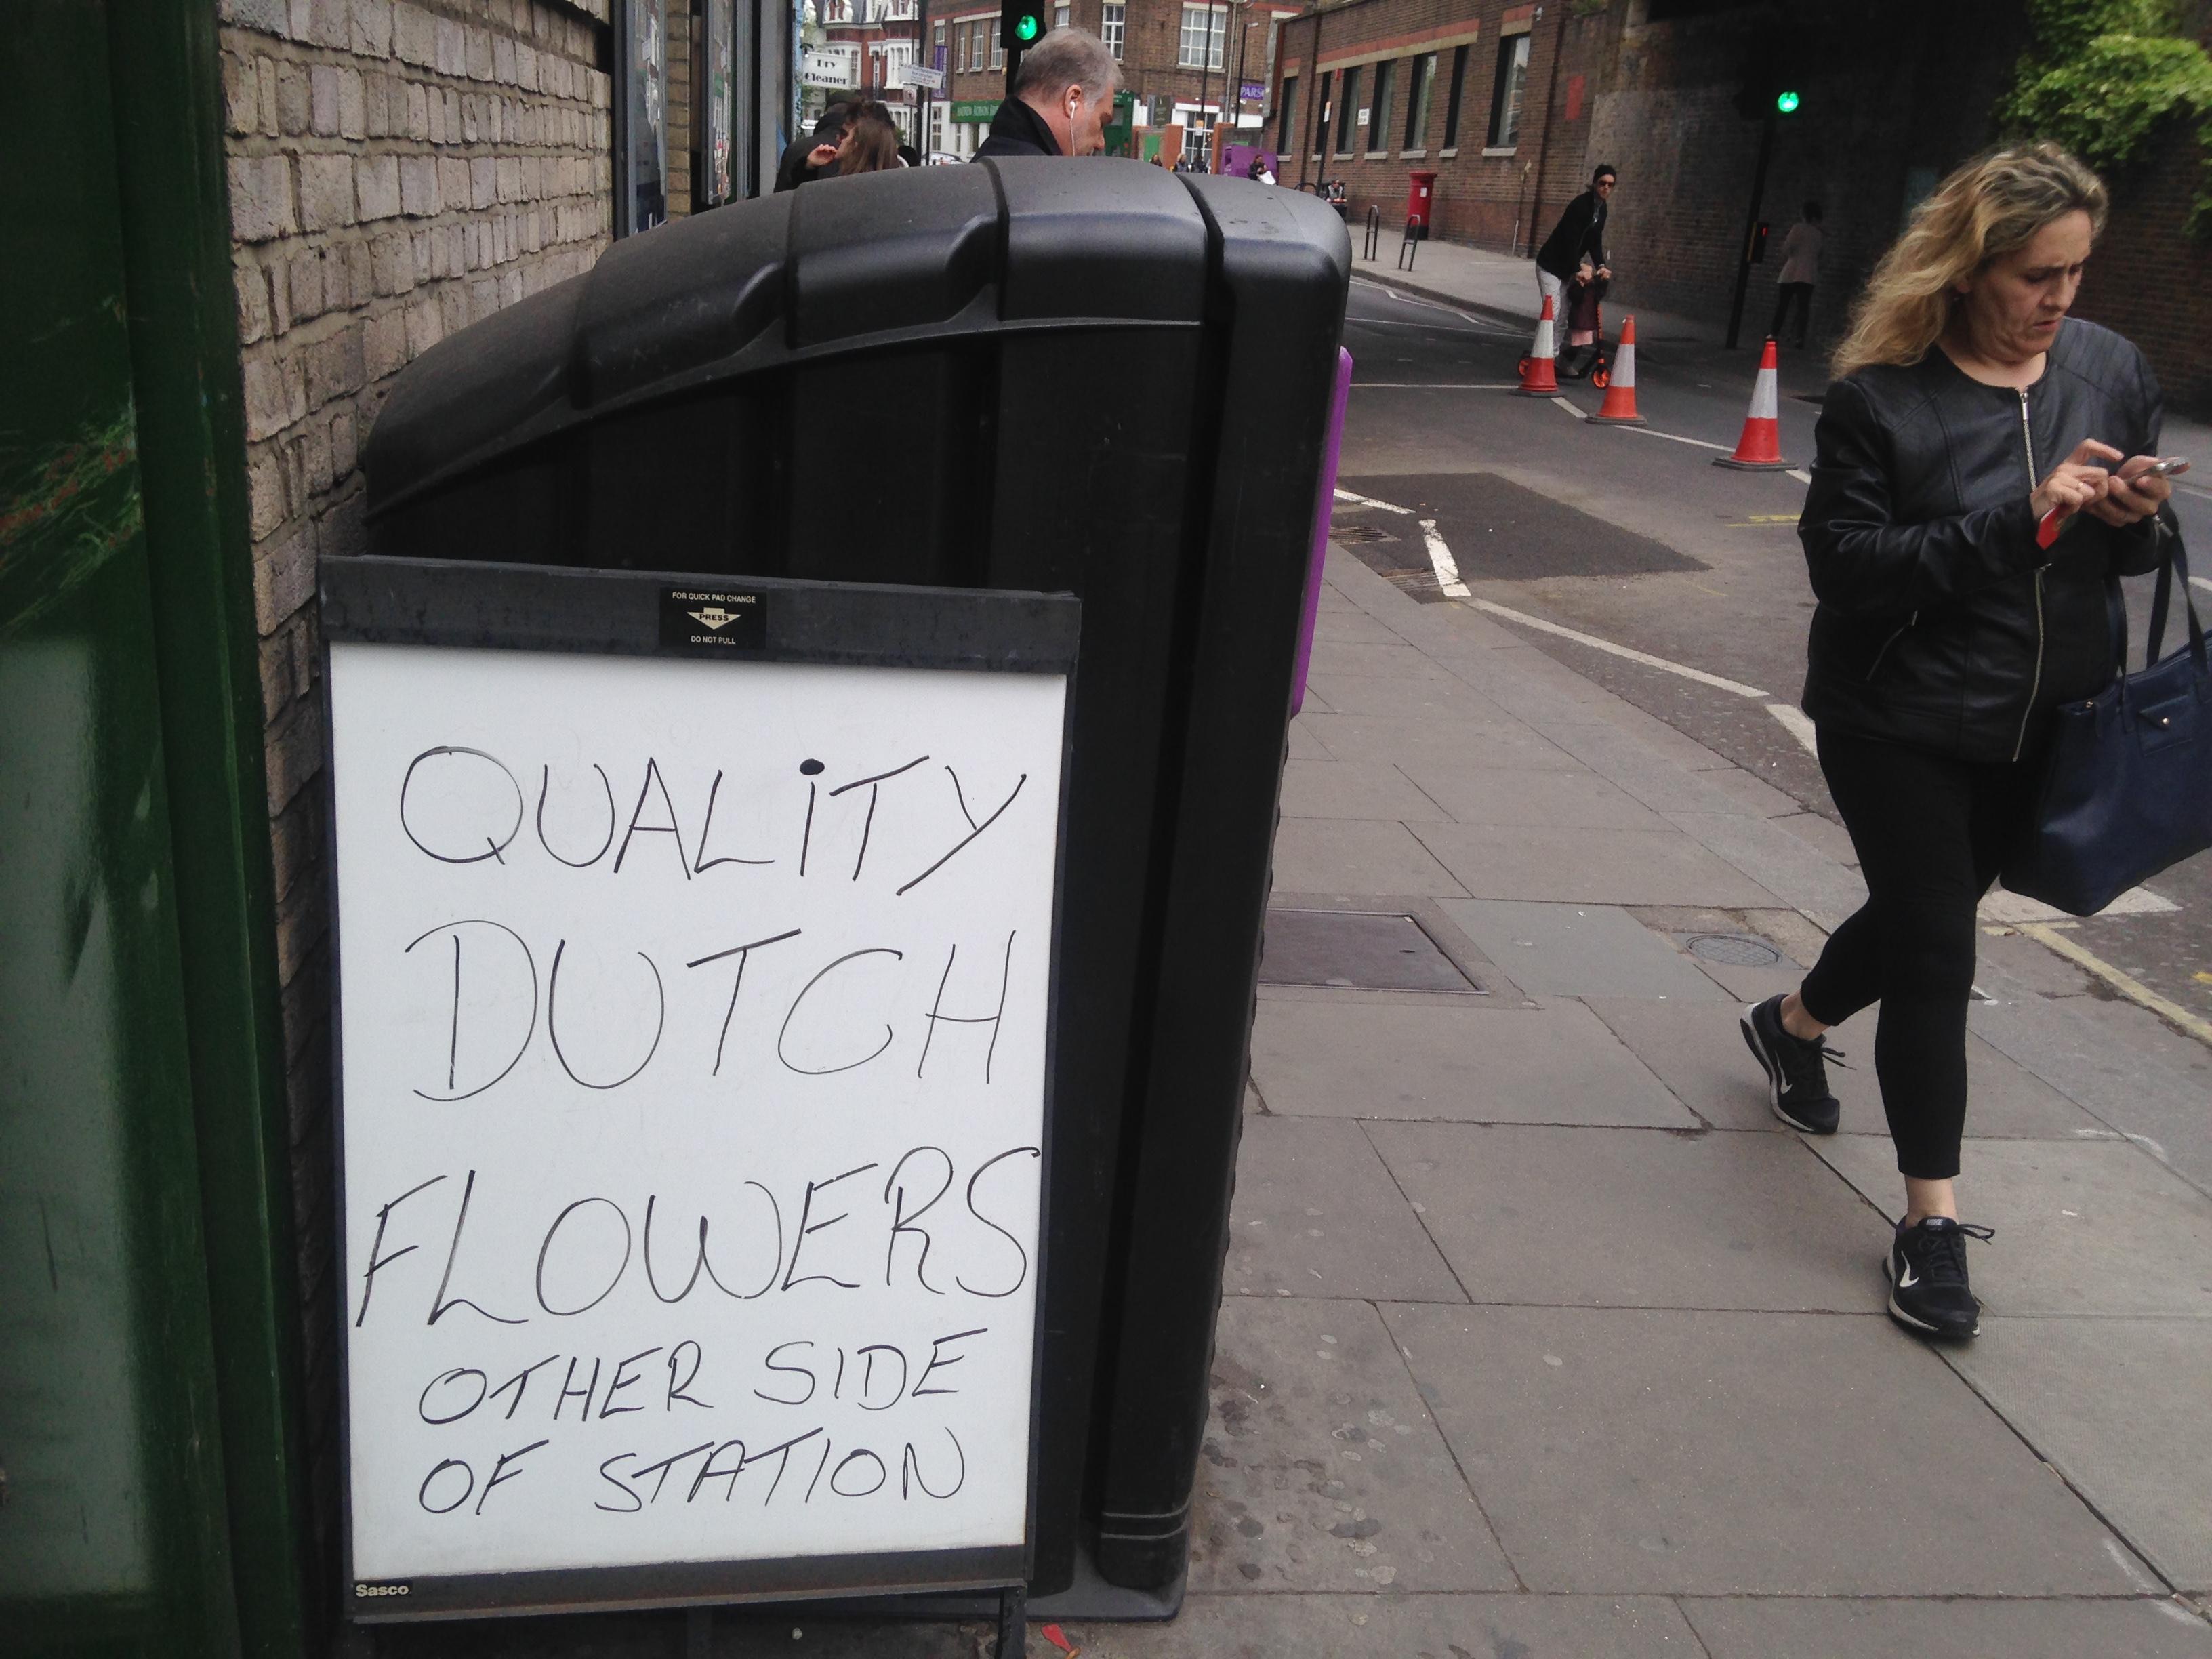 quality dutch flowers